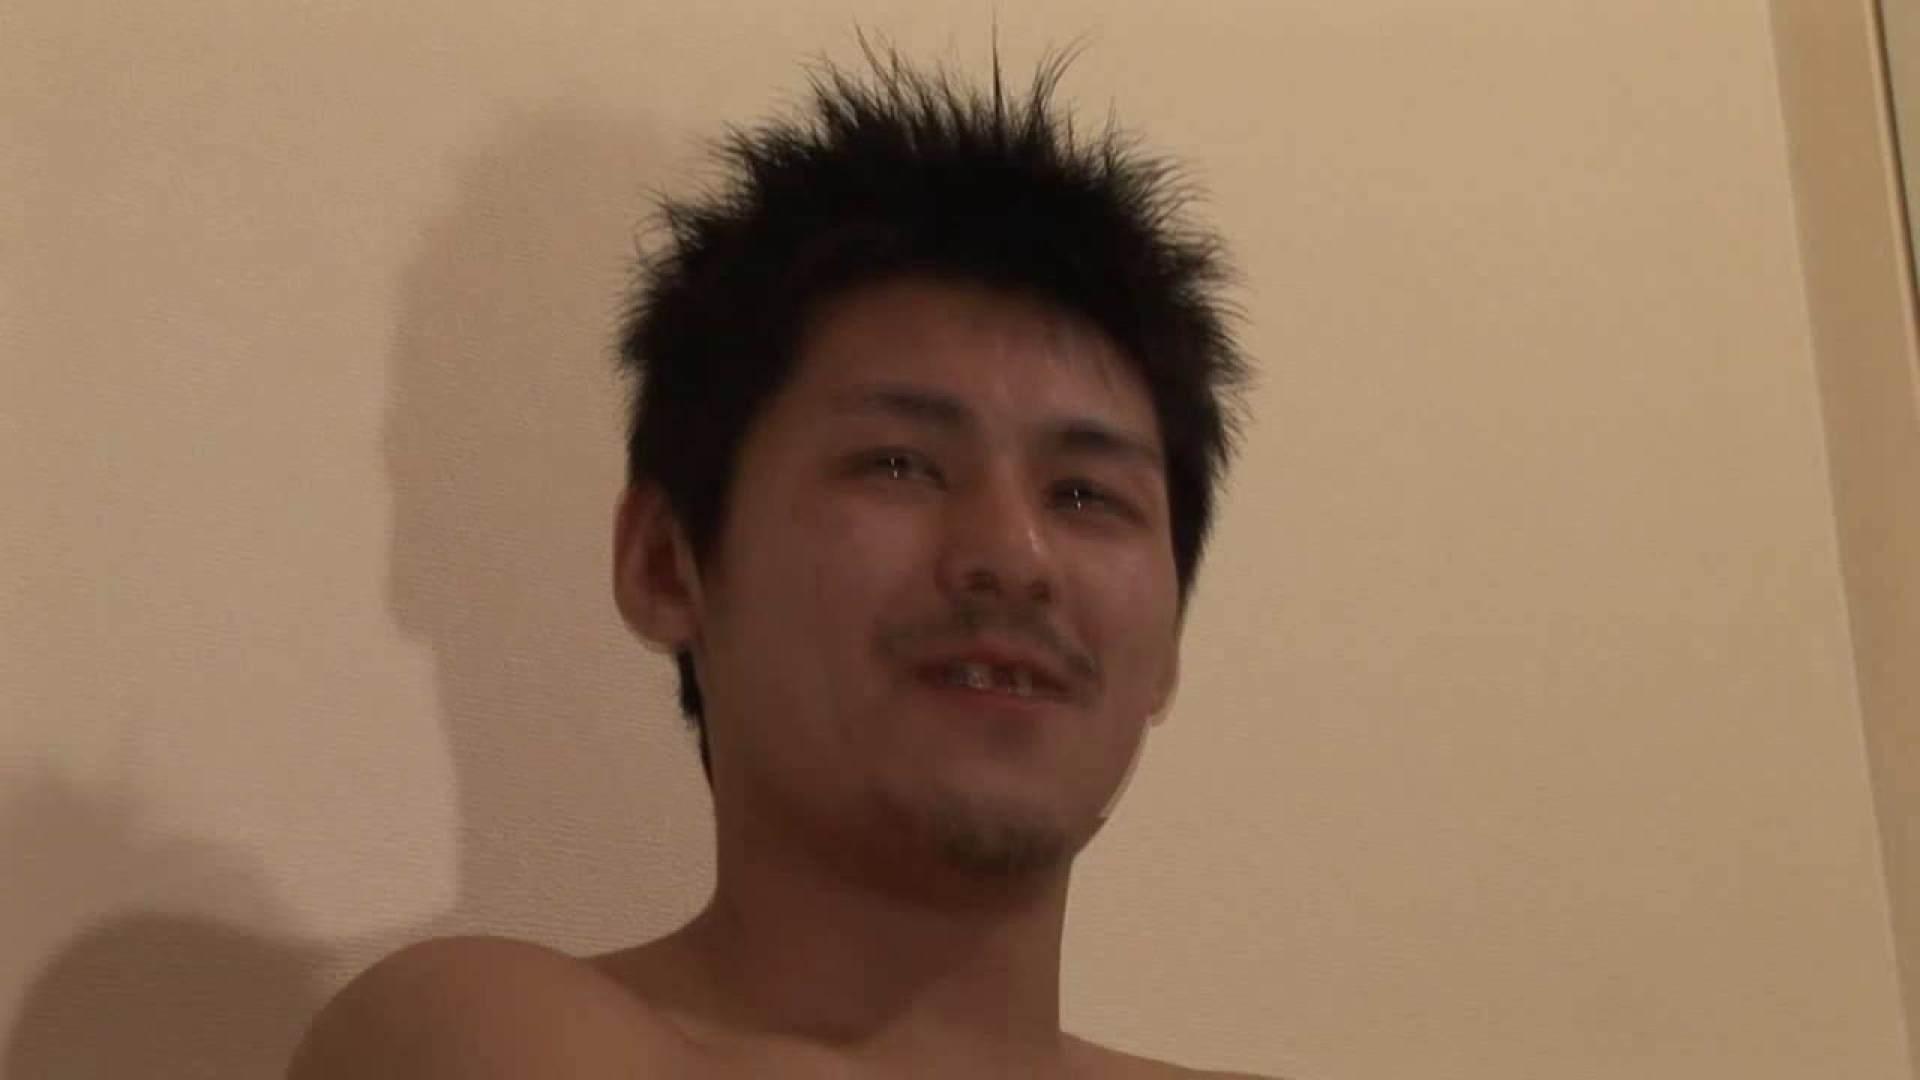 オラオラ系兄貴の飛ばしてなんぼ!! 入浴・シャワーシーン ゲイ精子画像 91枚 24